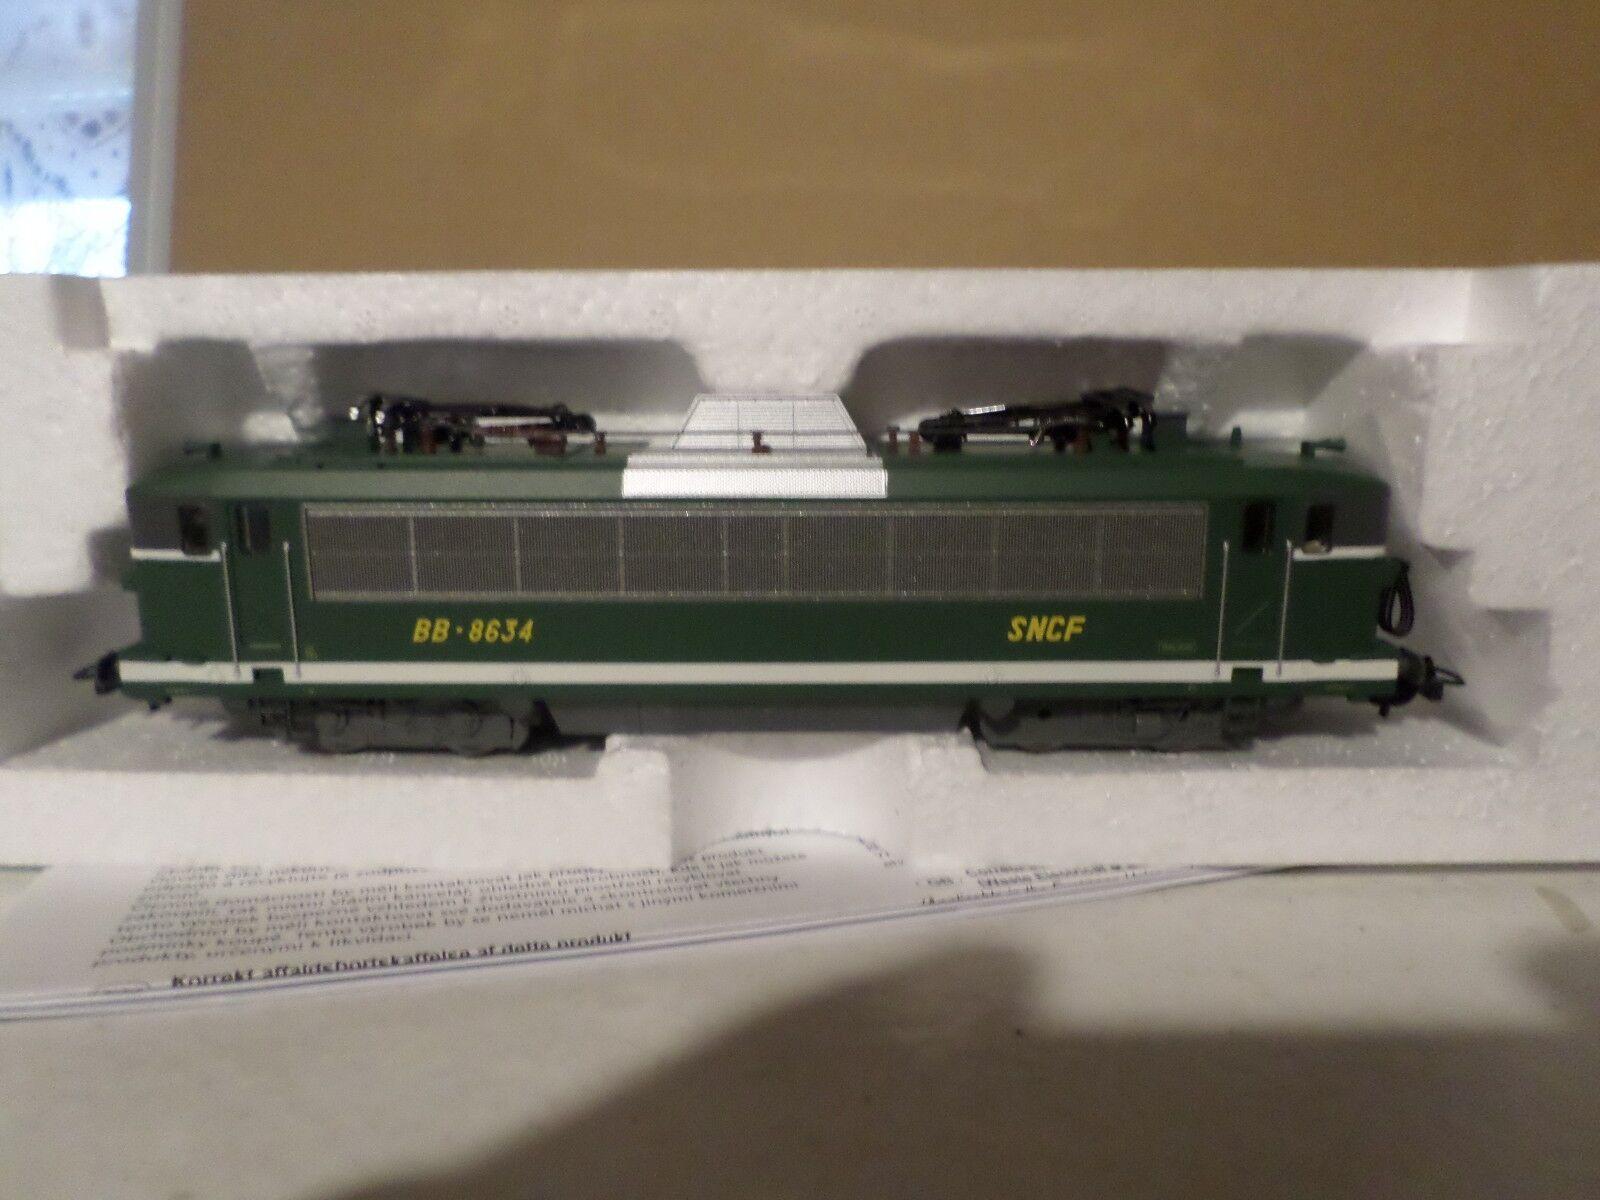 Locomotive piko bb 8634 dépot de toulouse epoque IV